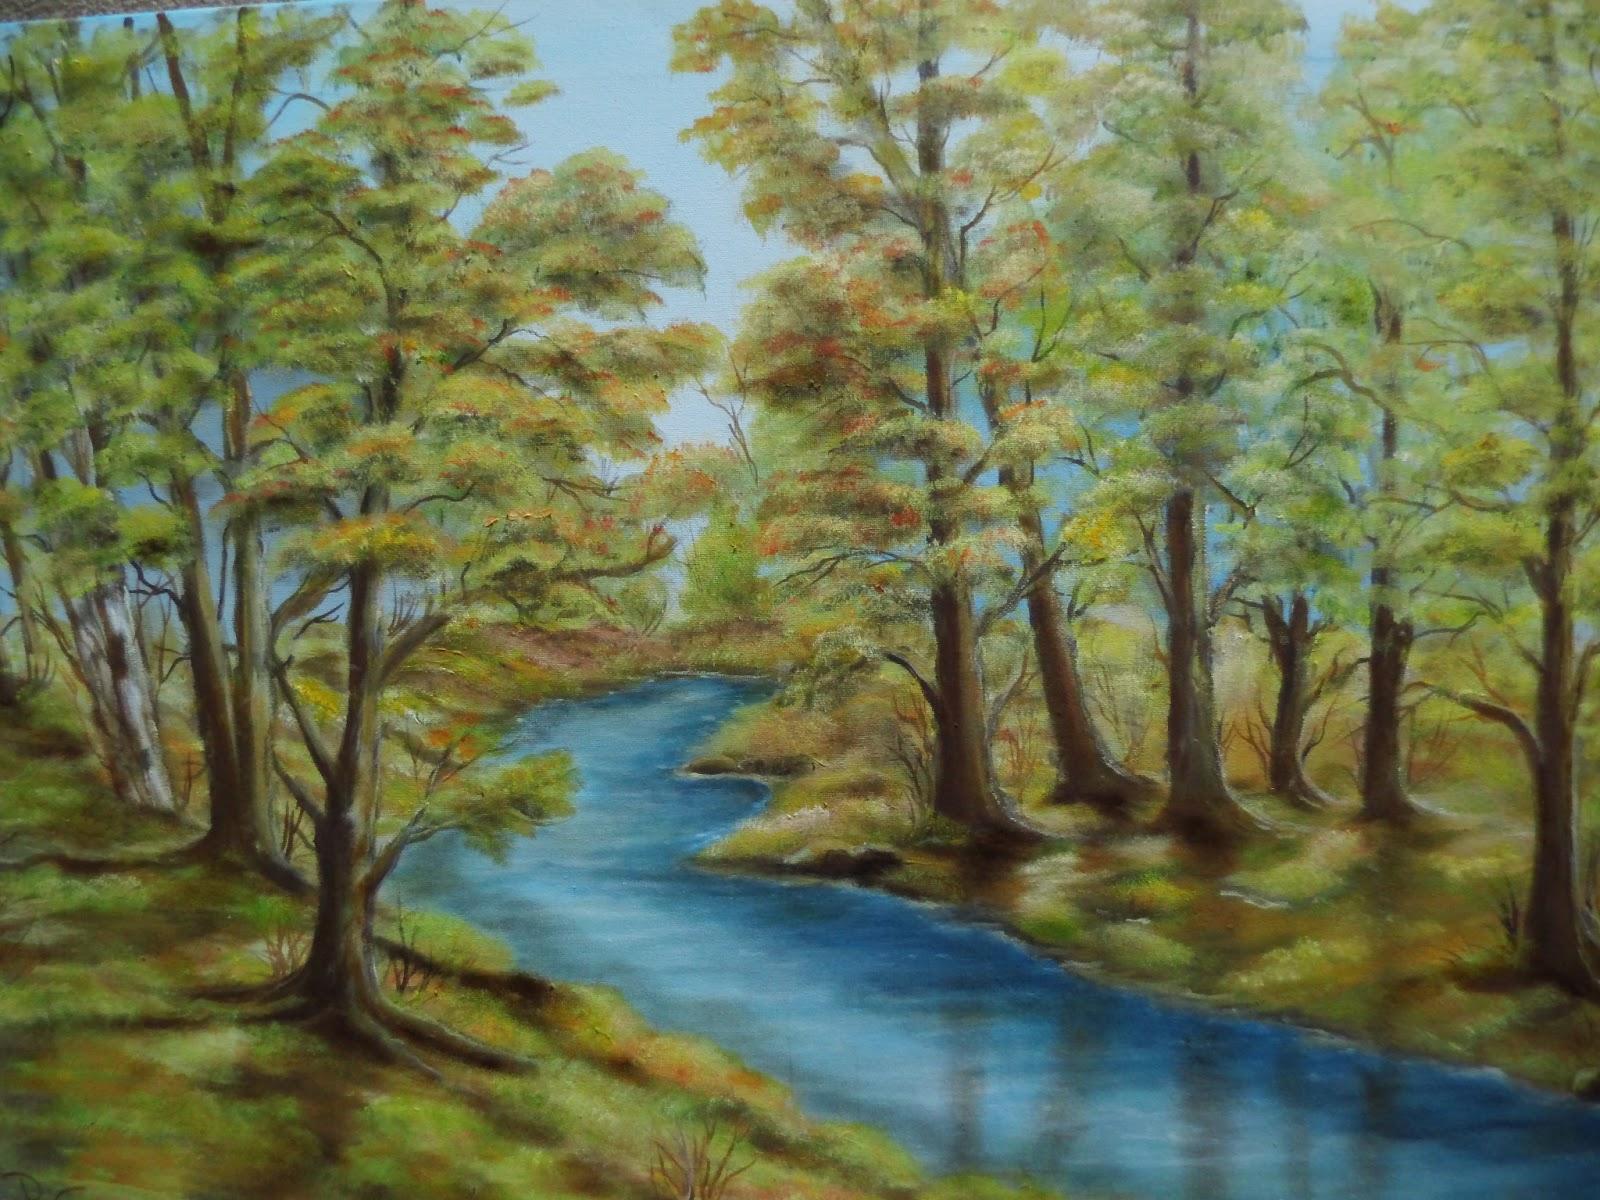 wald foto gemalt